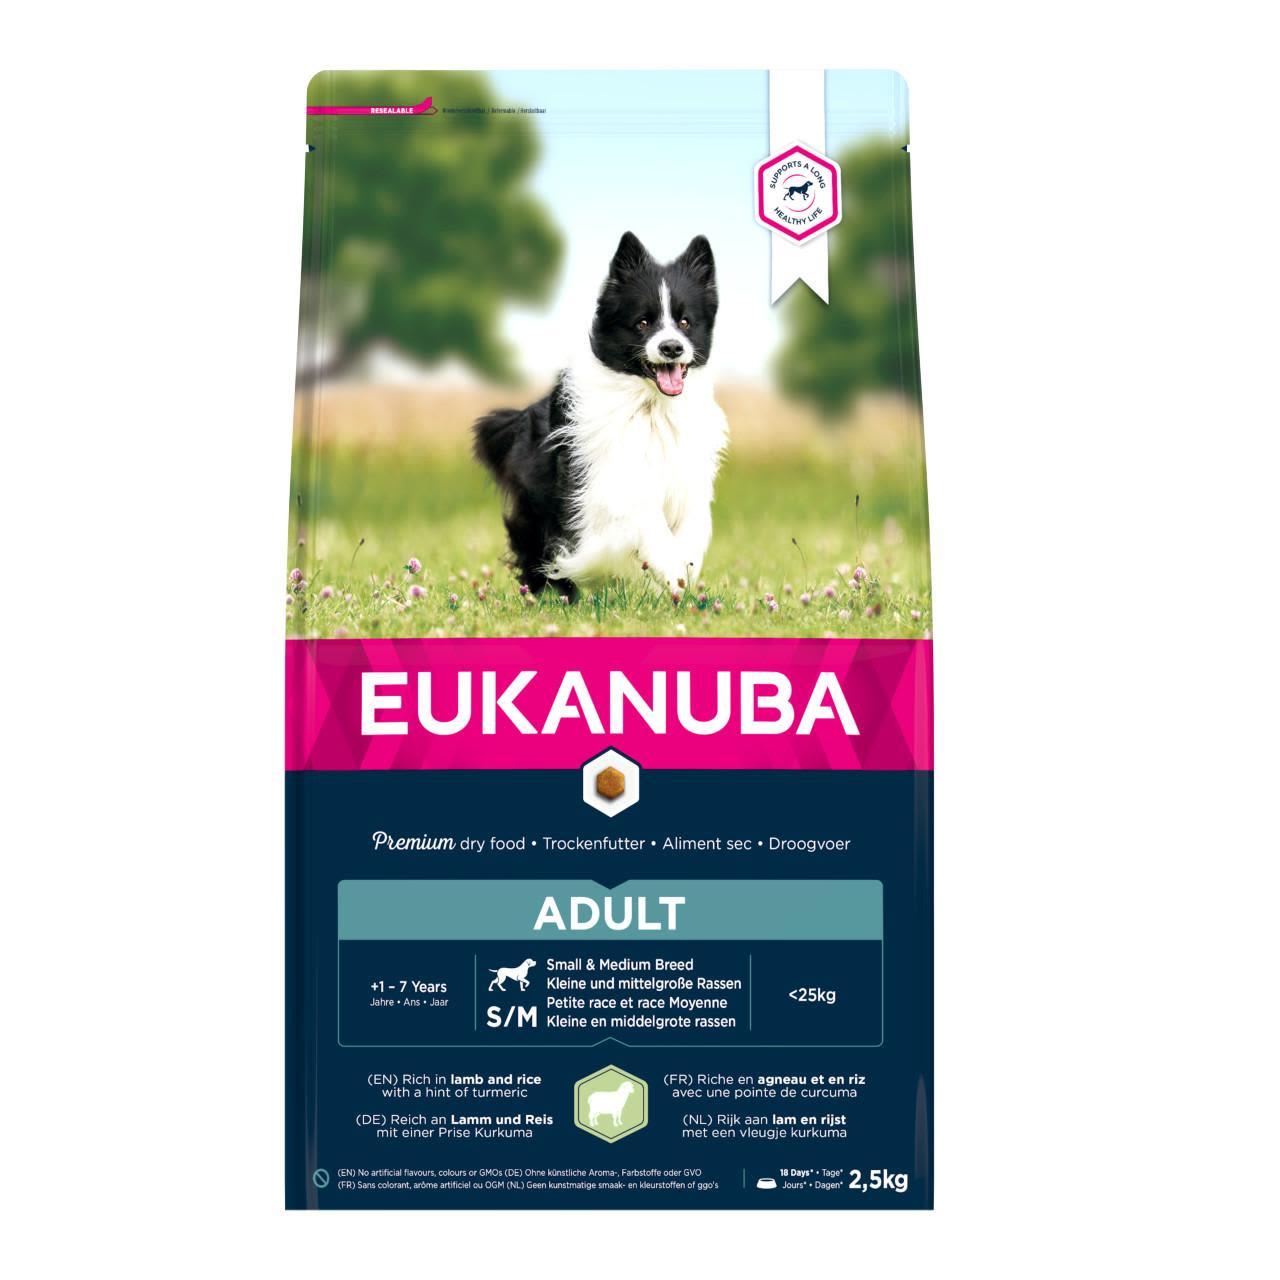 is eukanuba a good dog food